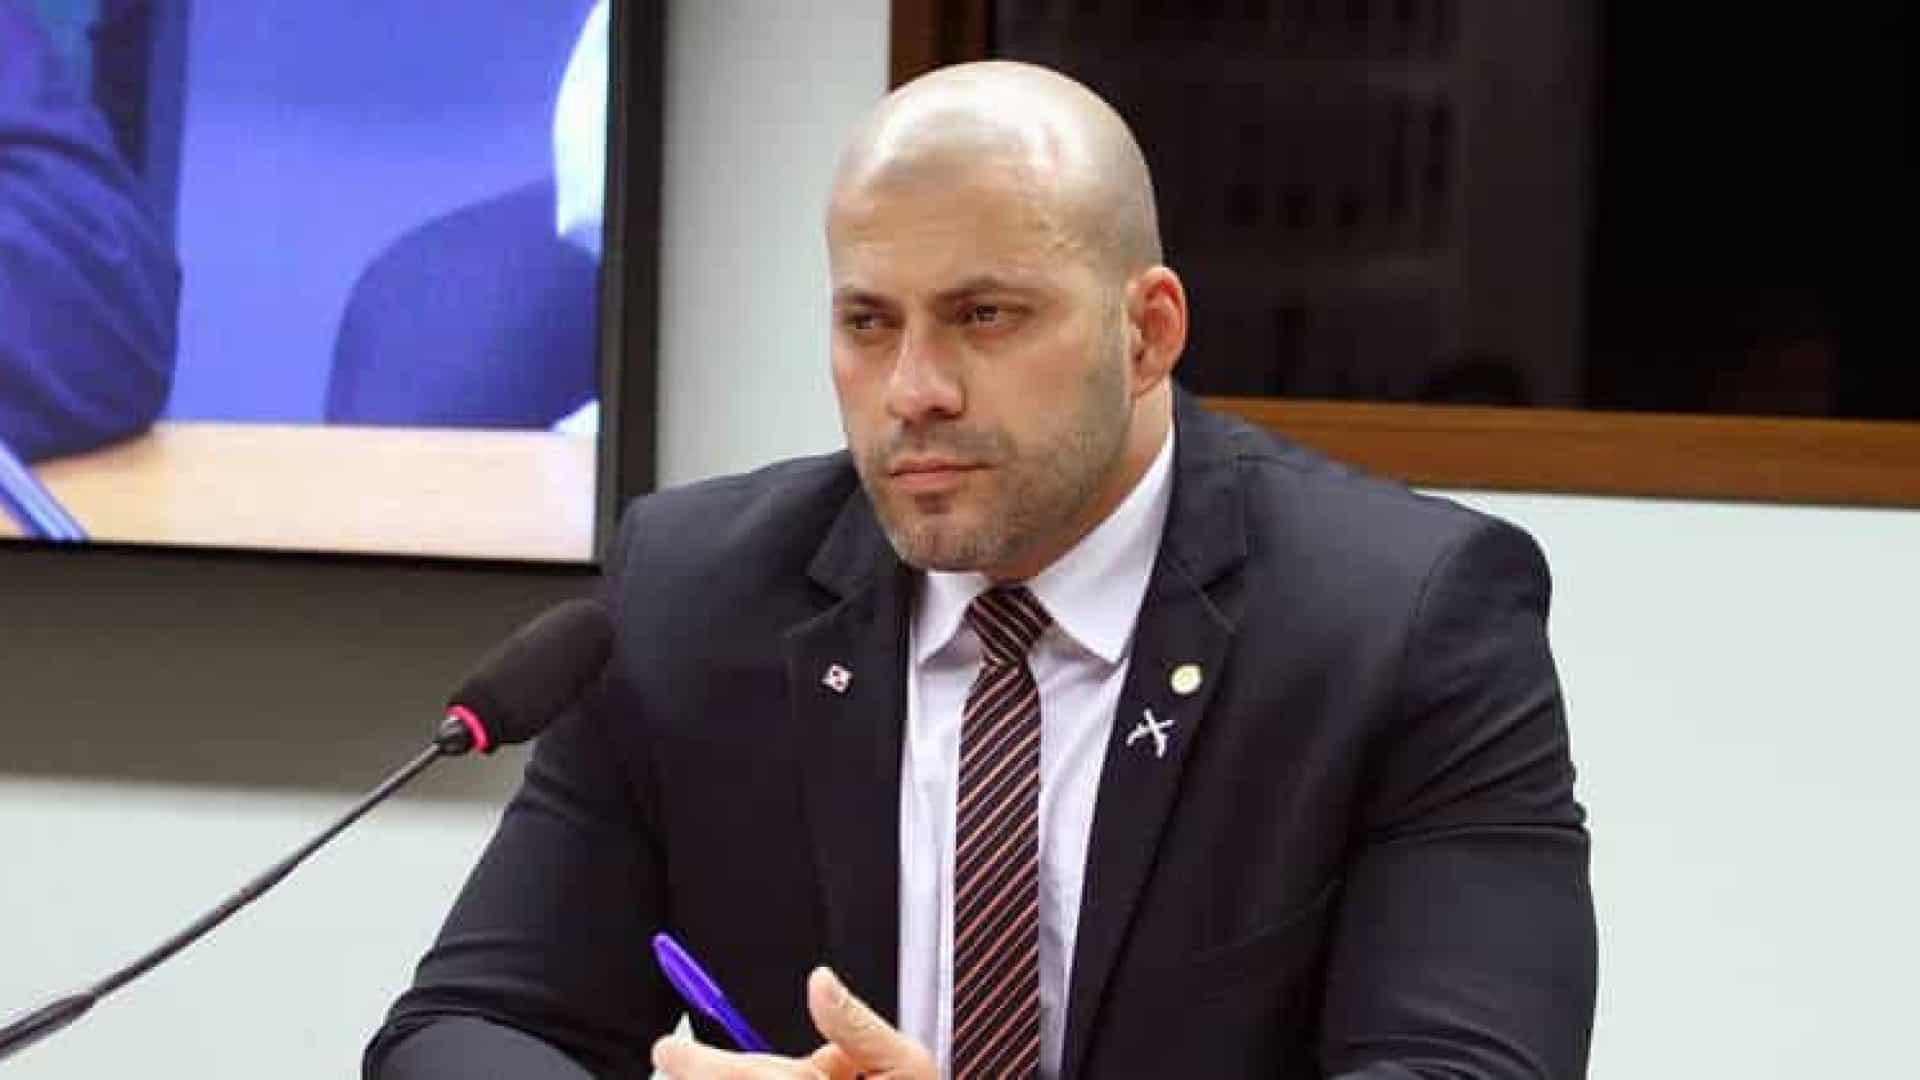 naom 6011dff16e771 - Conselho de Ética aprova suspensão de Daniel Silveira